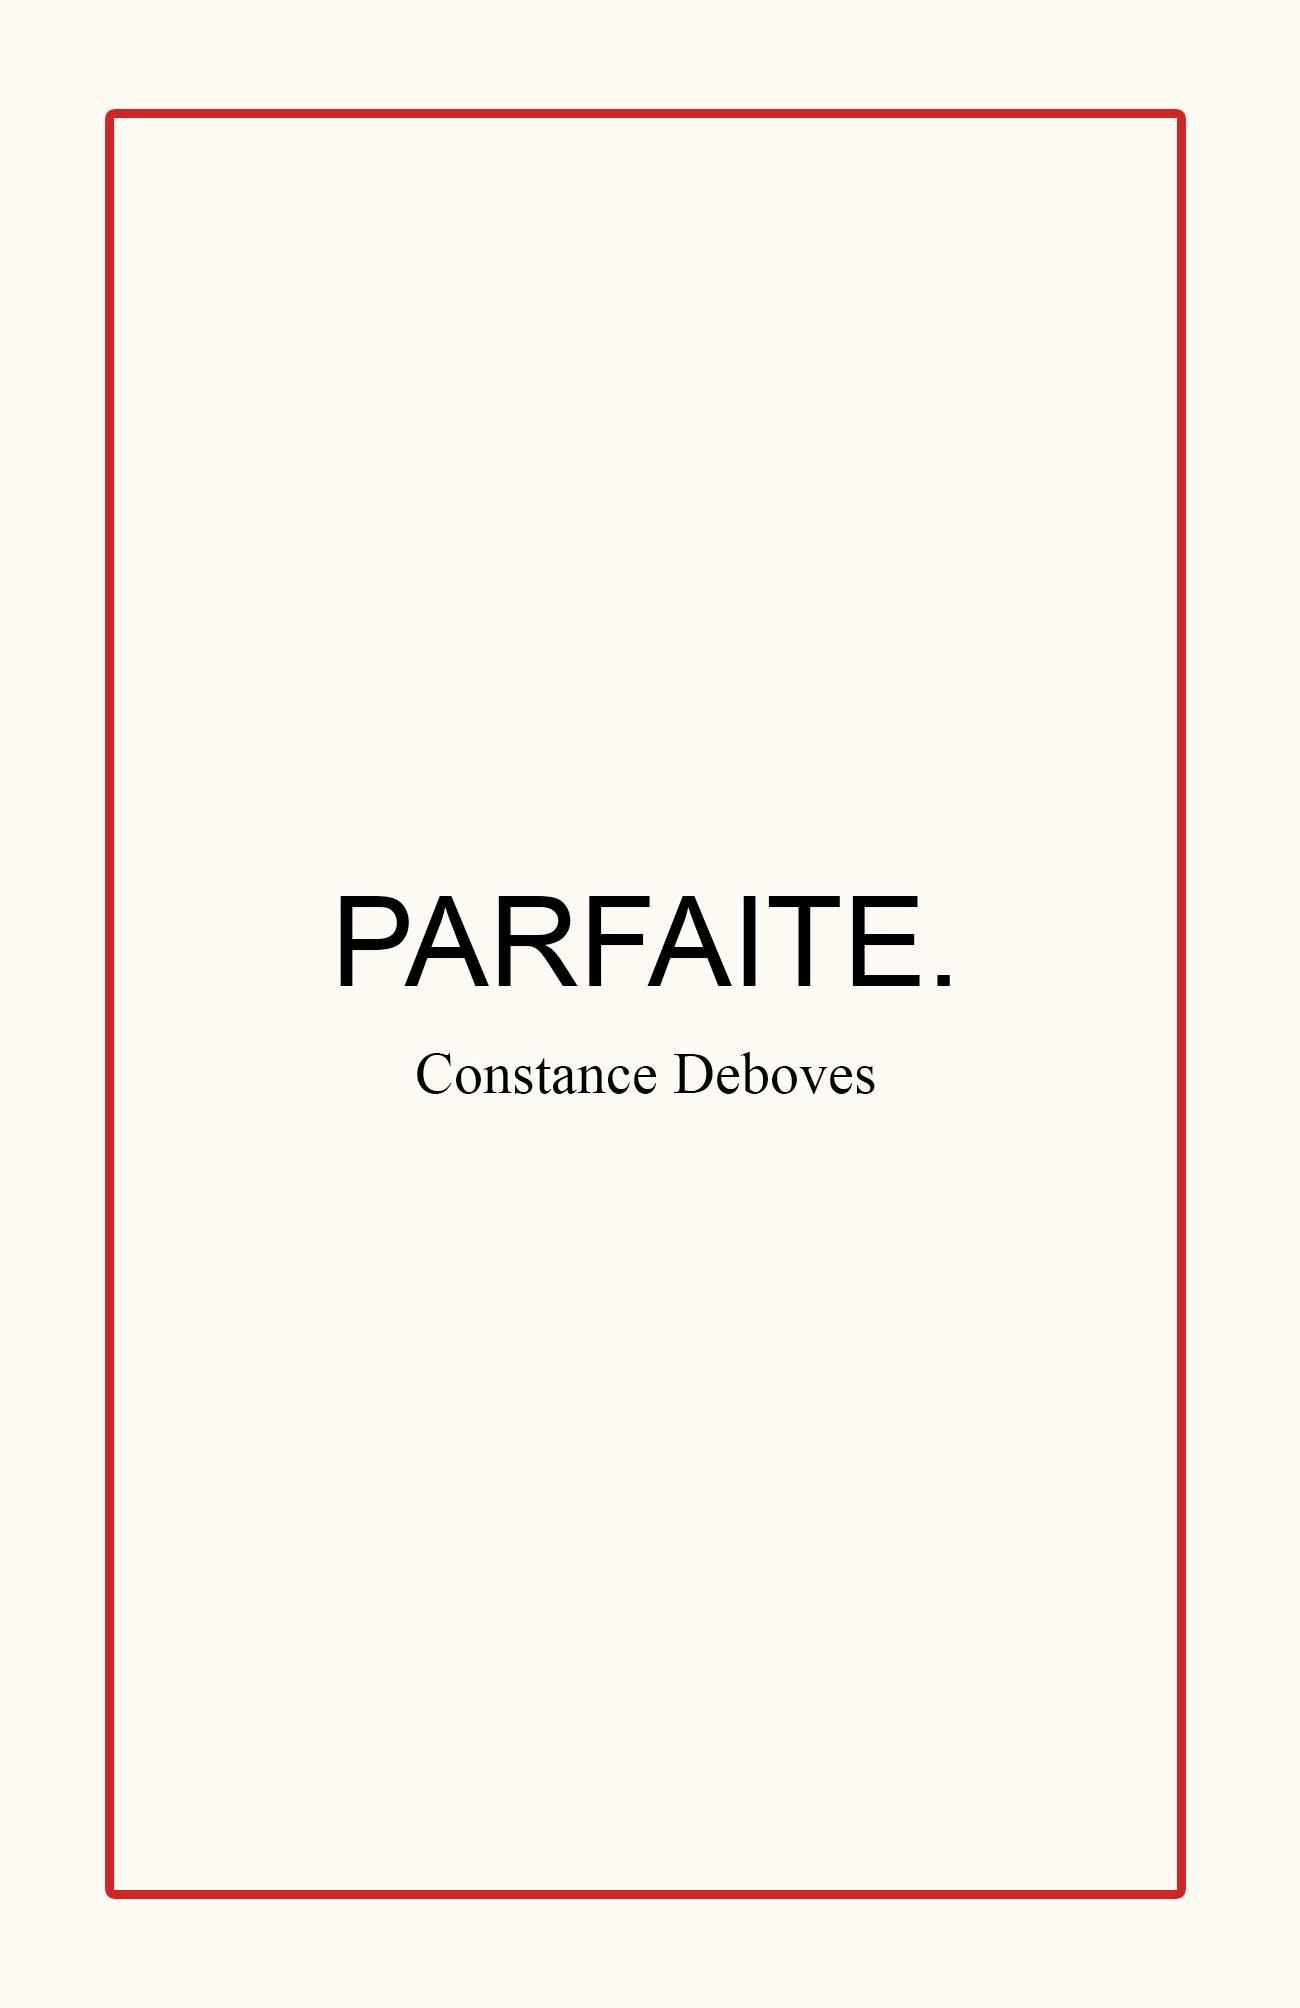 PARFAITE.